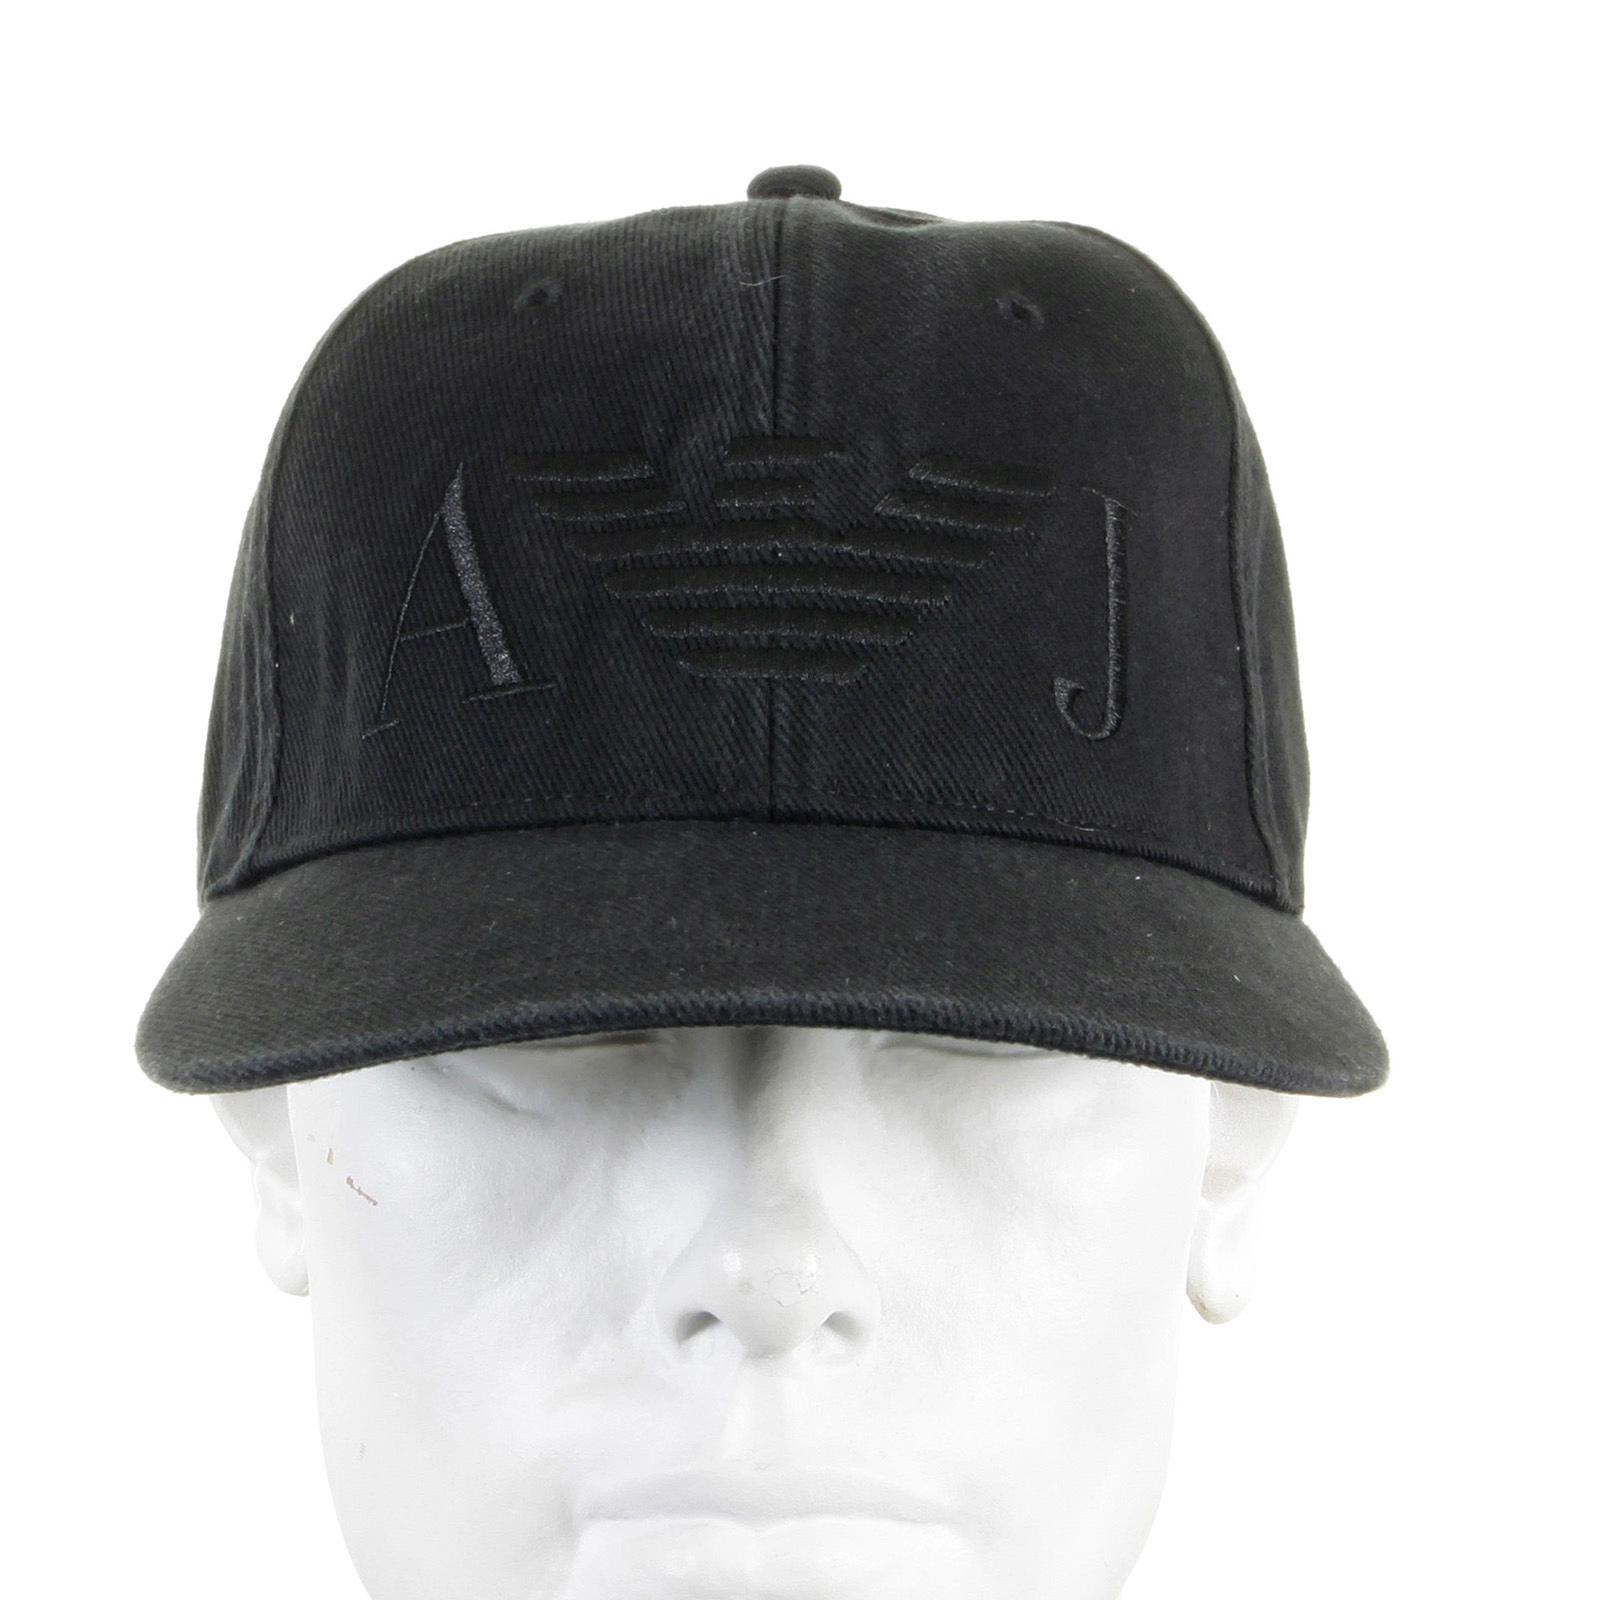 fb1cbece1e6 Armani Jeans black baseball cap 06481 XE AJM2266 at Togged Clothing